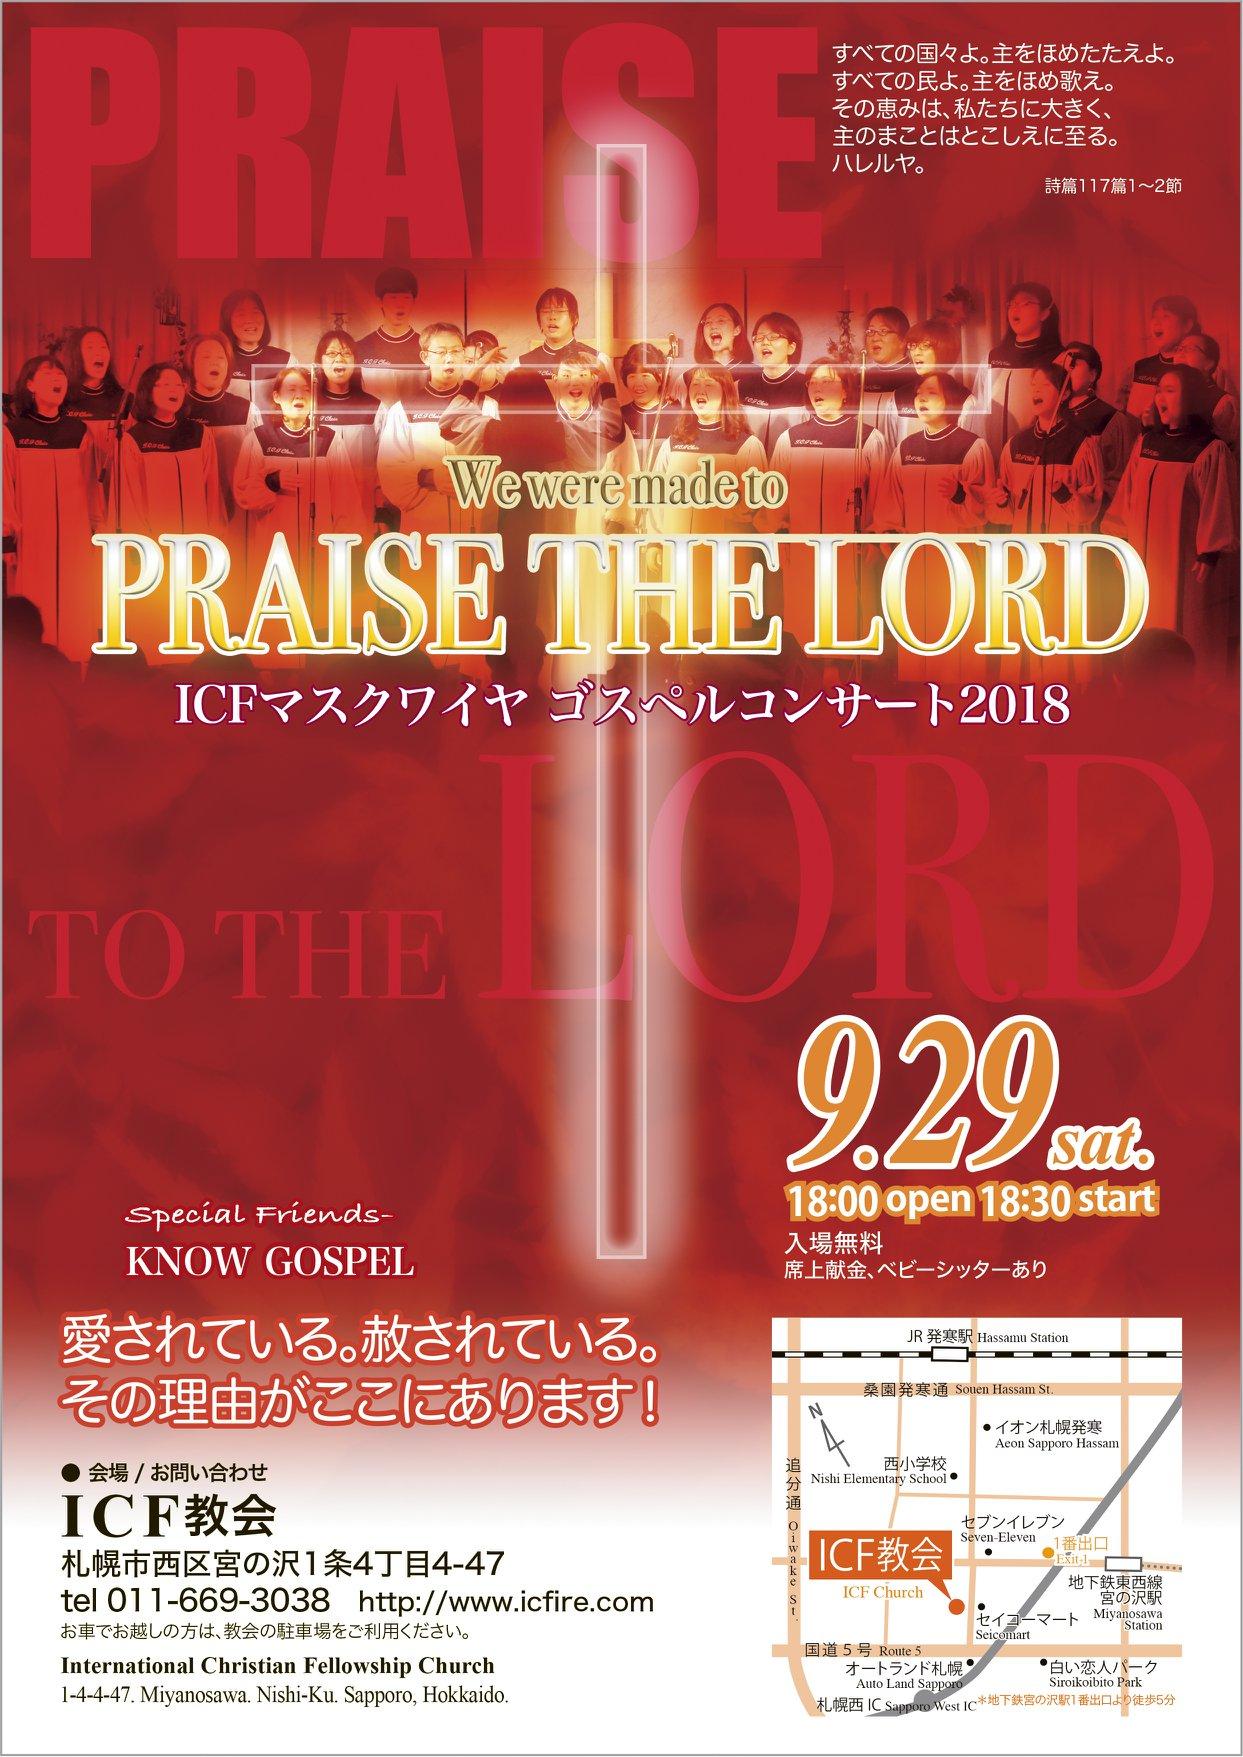 [2018.9.29 SAT]  ICFマスクワイヤ・ゴスペルコンサート2018